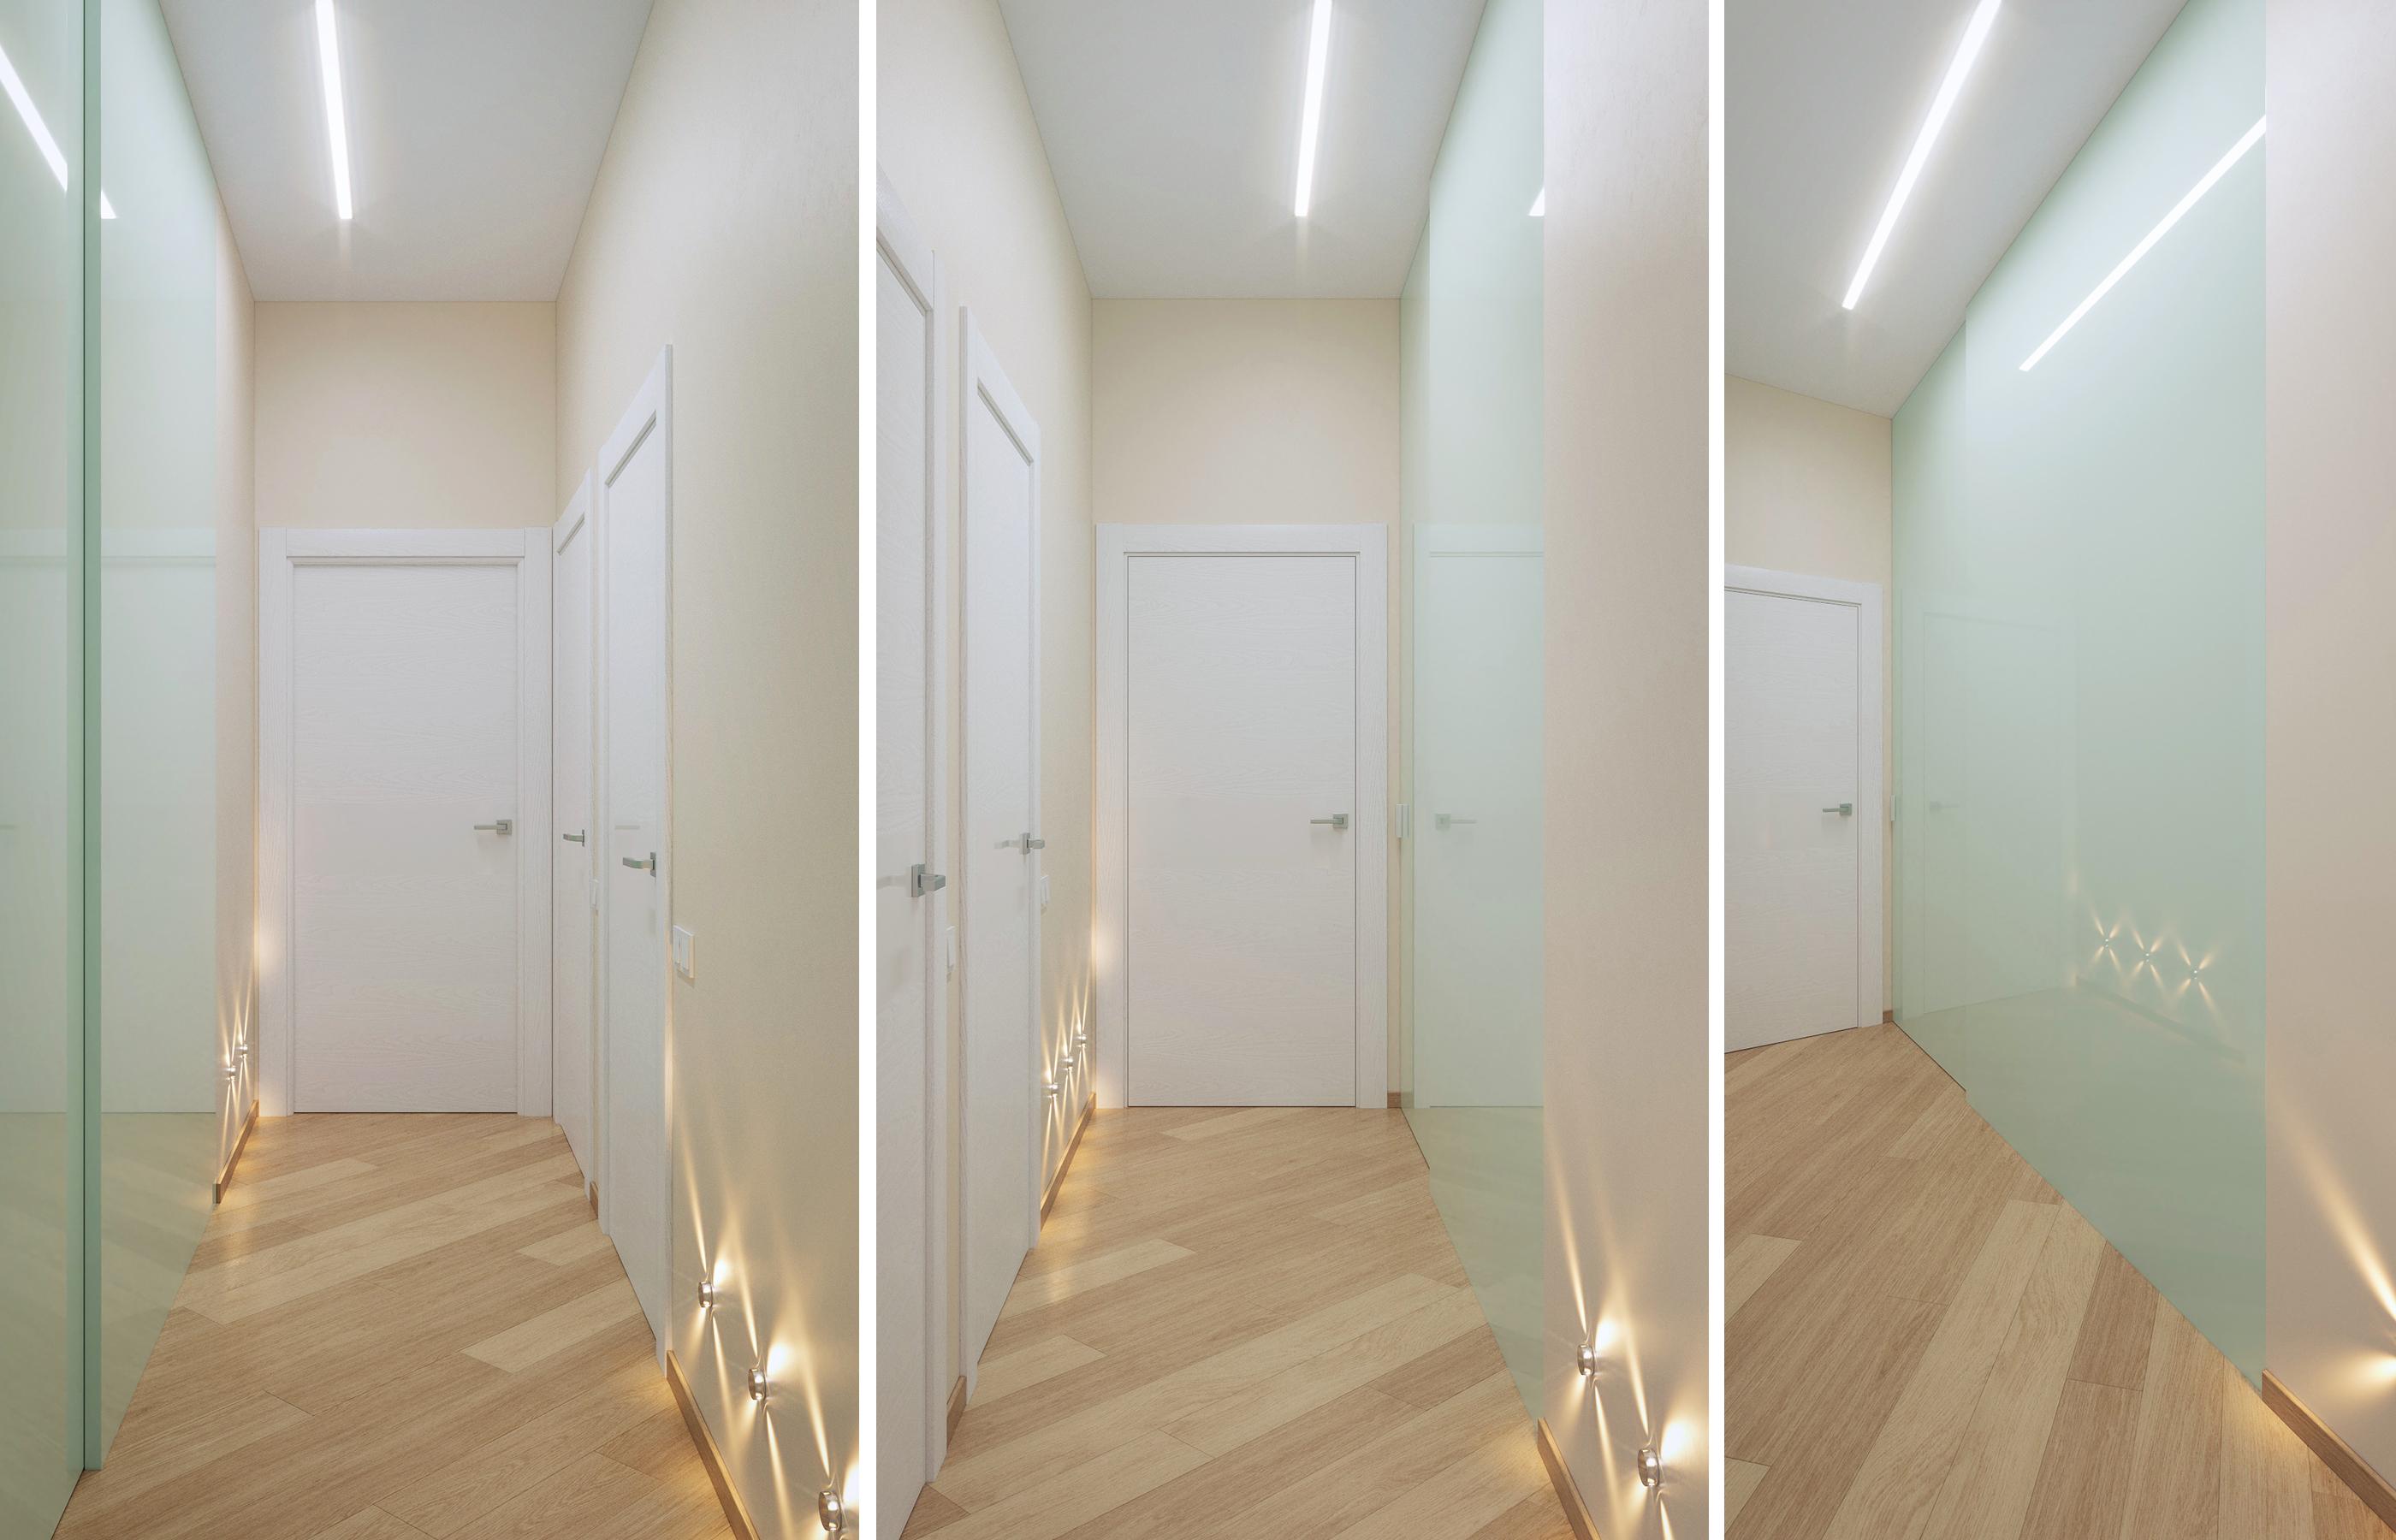 Дизайн коридора построен на системе линейных светильников и светильников с четко очерченнымм световымм лучами